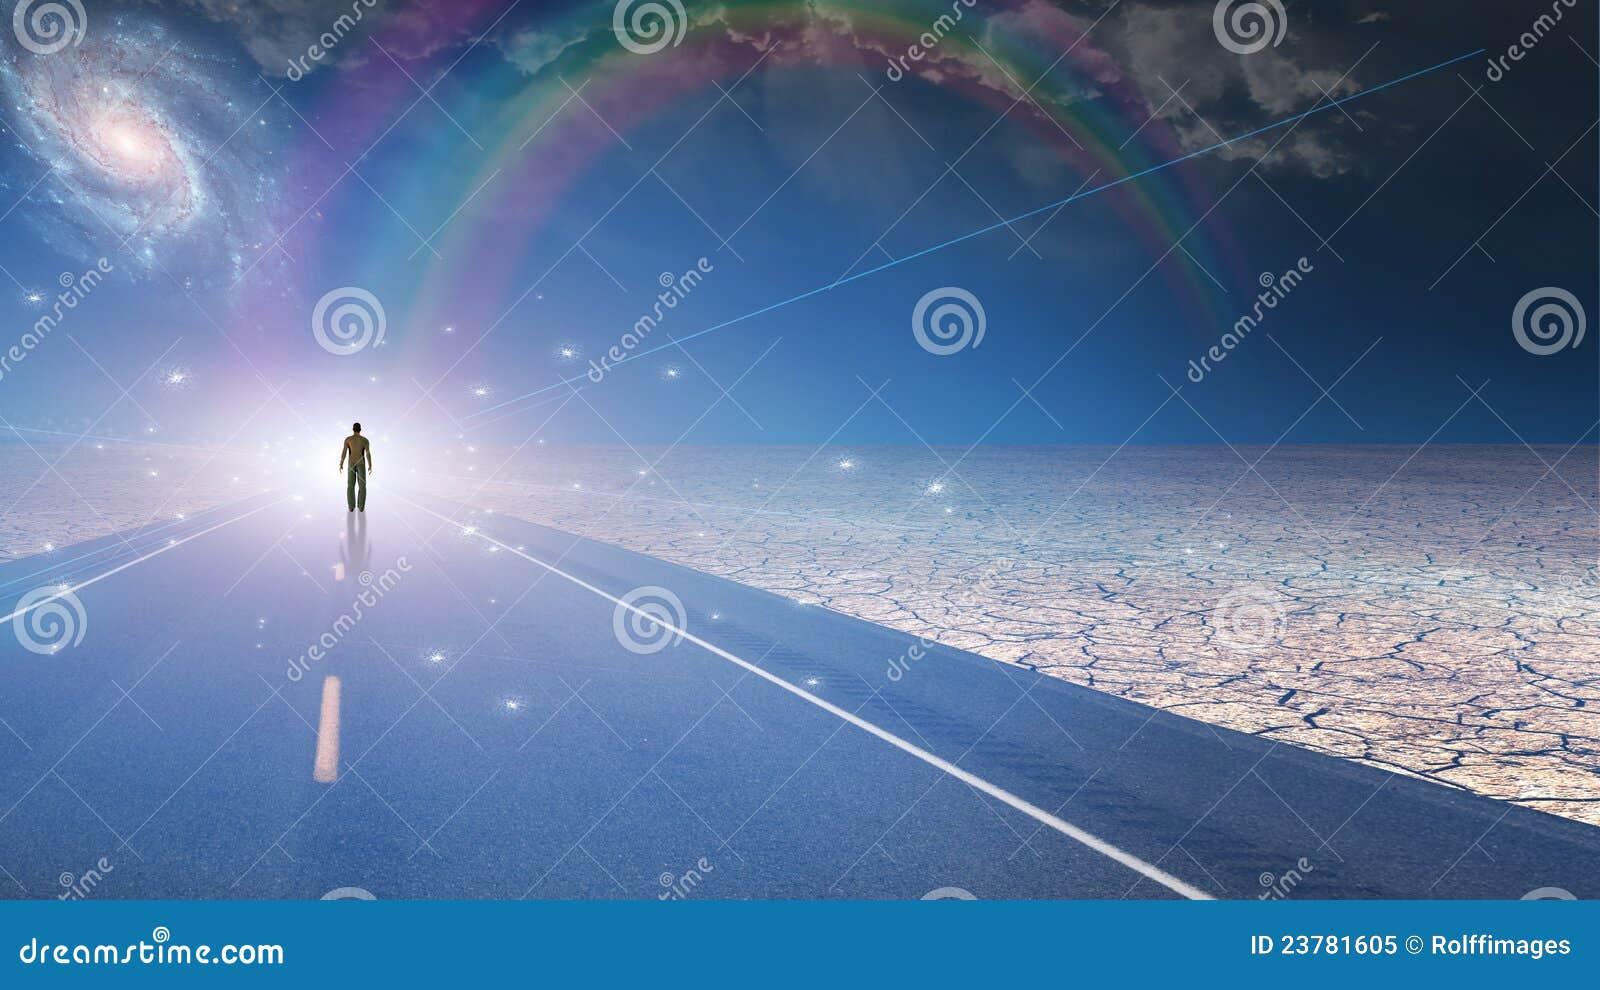 Hombre bañado en luz y camino